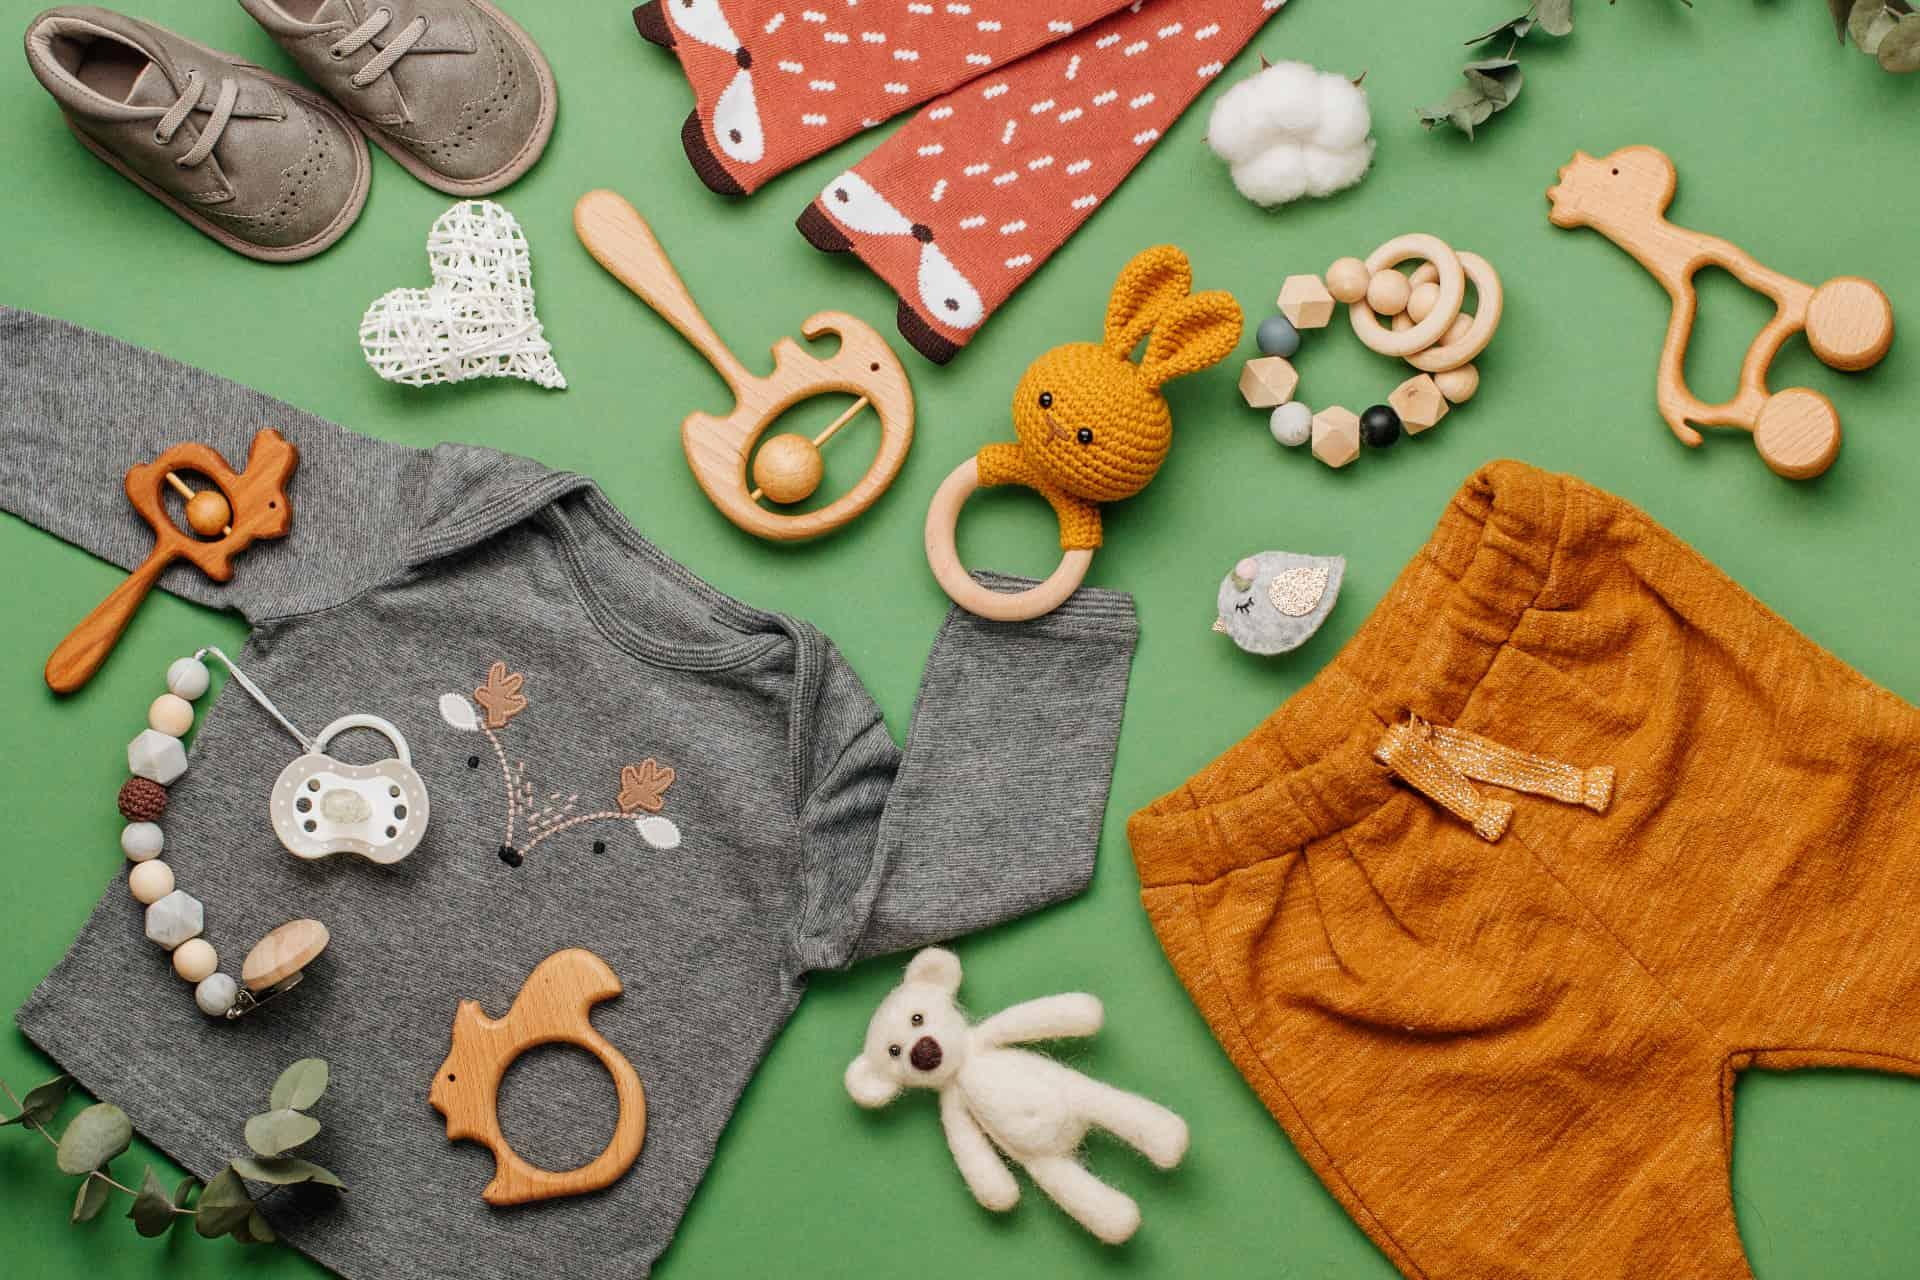 Besparen op kinderspullen: budgetvriendelijke tips